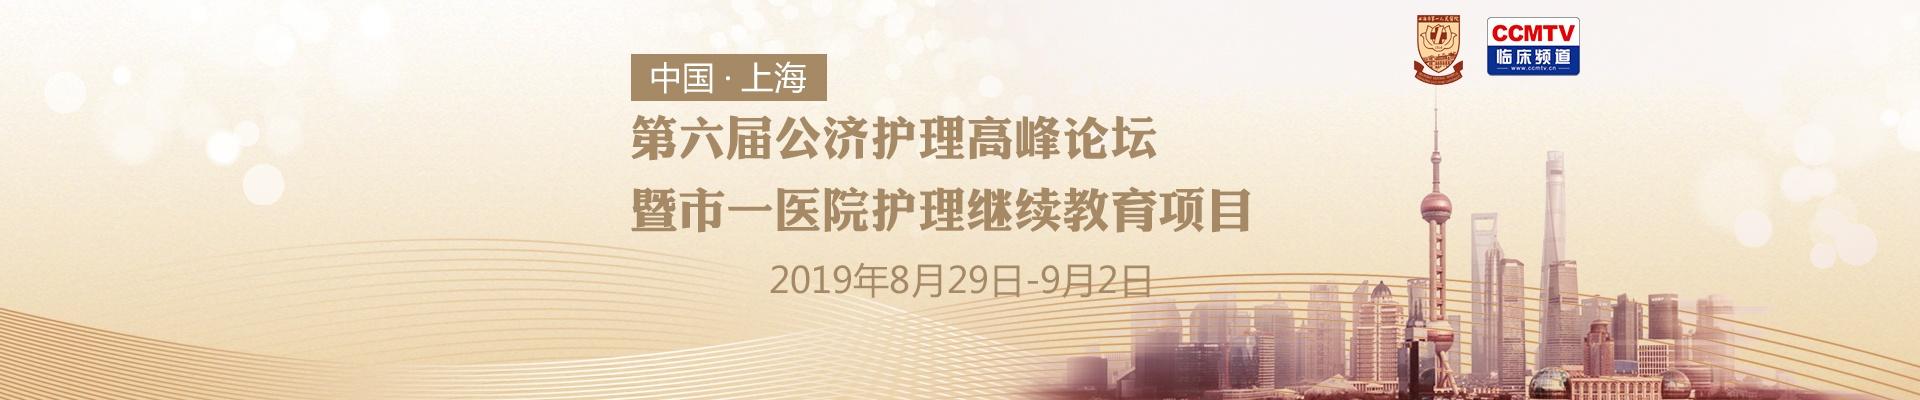 第六屆公濟護理高峰論壇